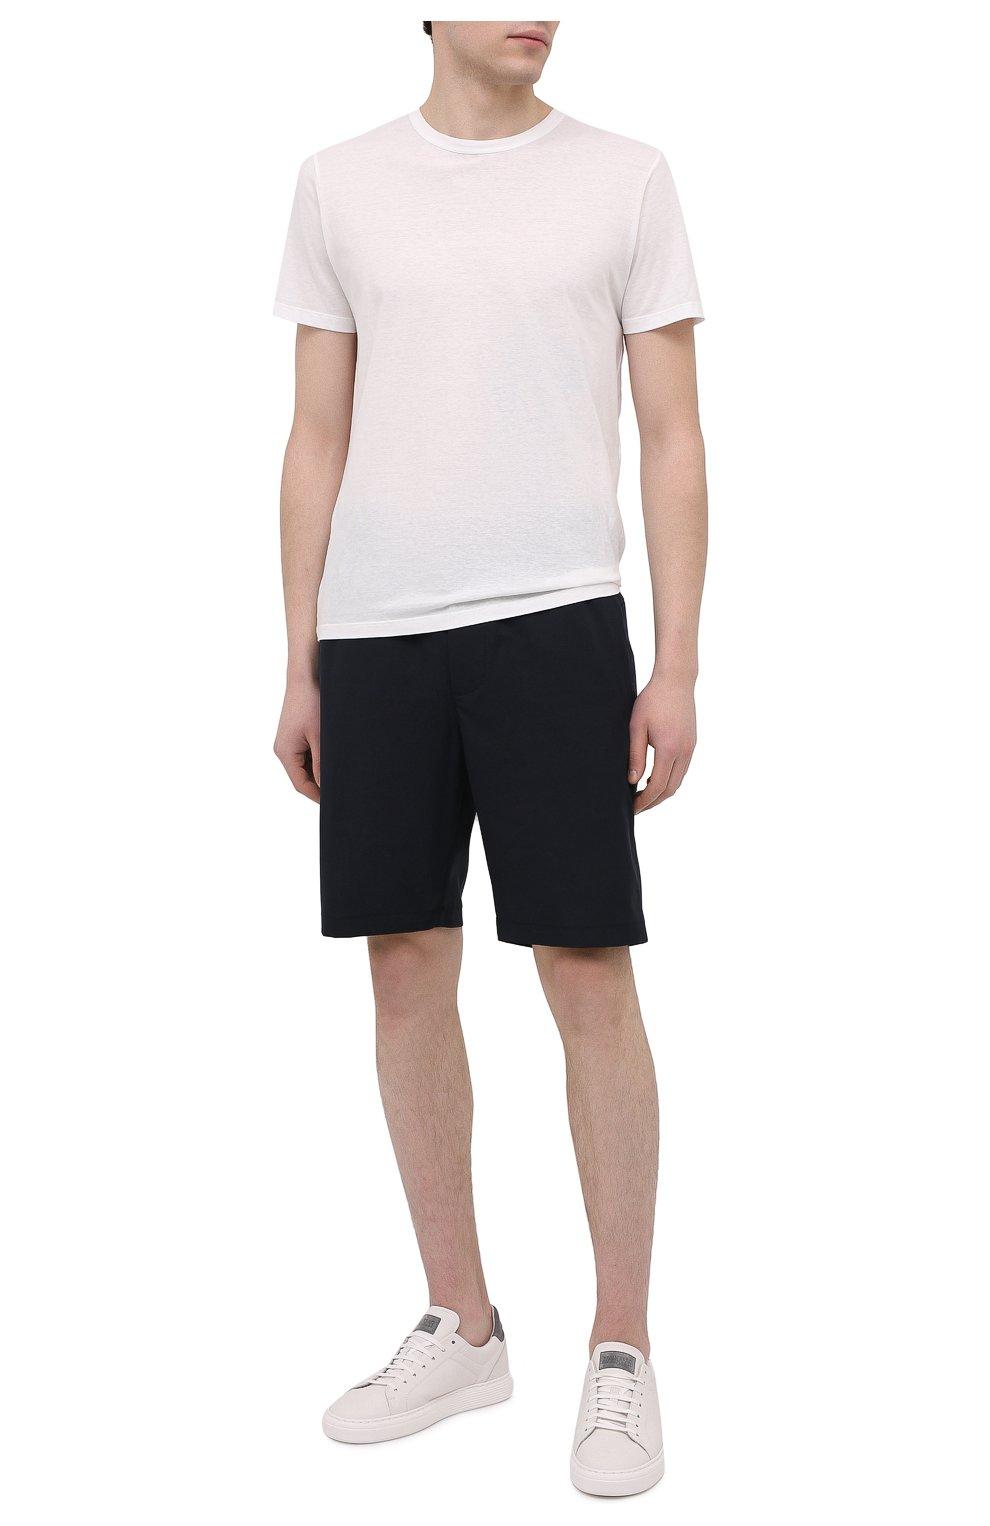 Мужские шорты ASPESI темно-синего цвета, арт. S1 A CQ32 G457 | Фото 2 (Мужское Кросс-КТ: Шорты-одежда; Длина Шорты М: До колена; Принт: Без принта; Материал внешний: Синтетический материал; Стили: Кэжуэл)